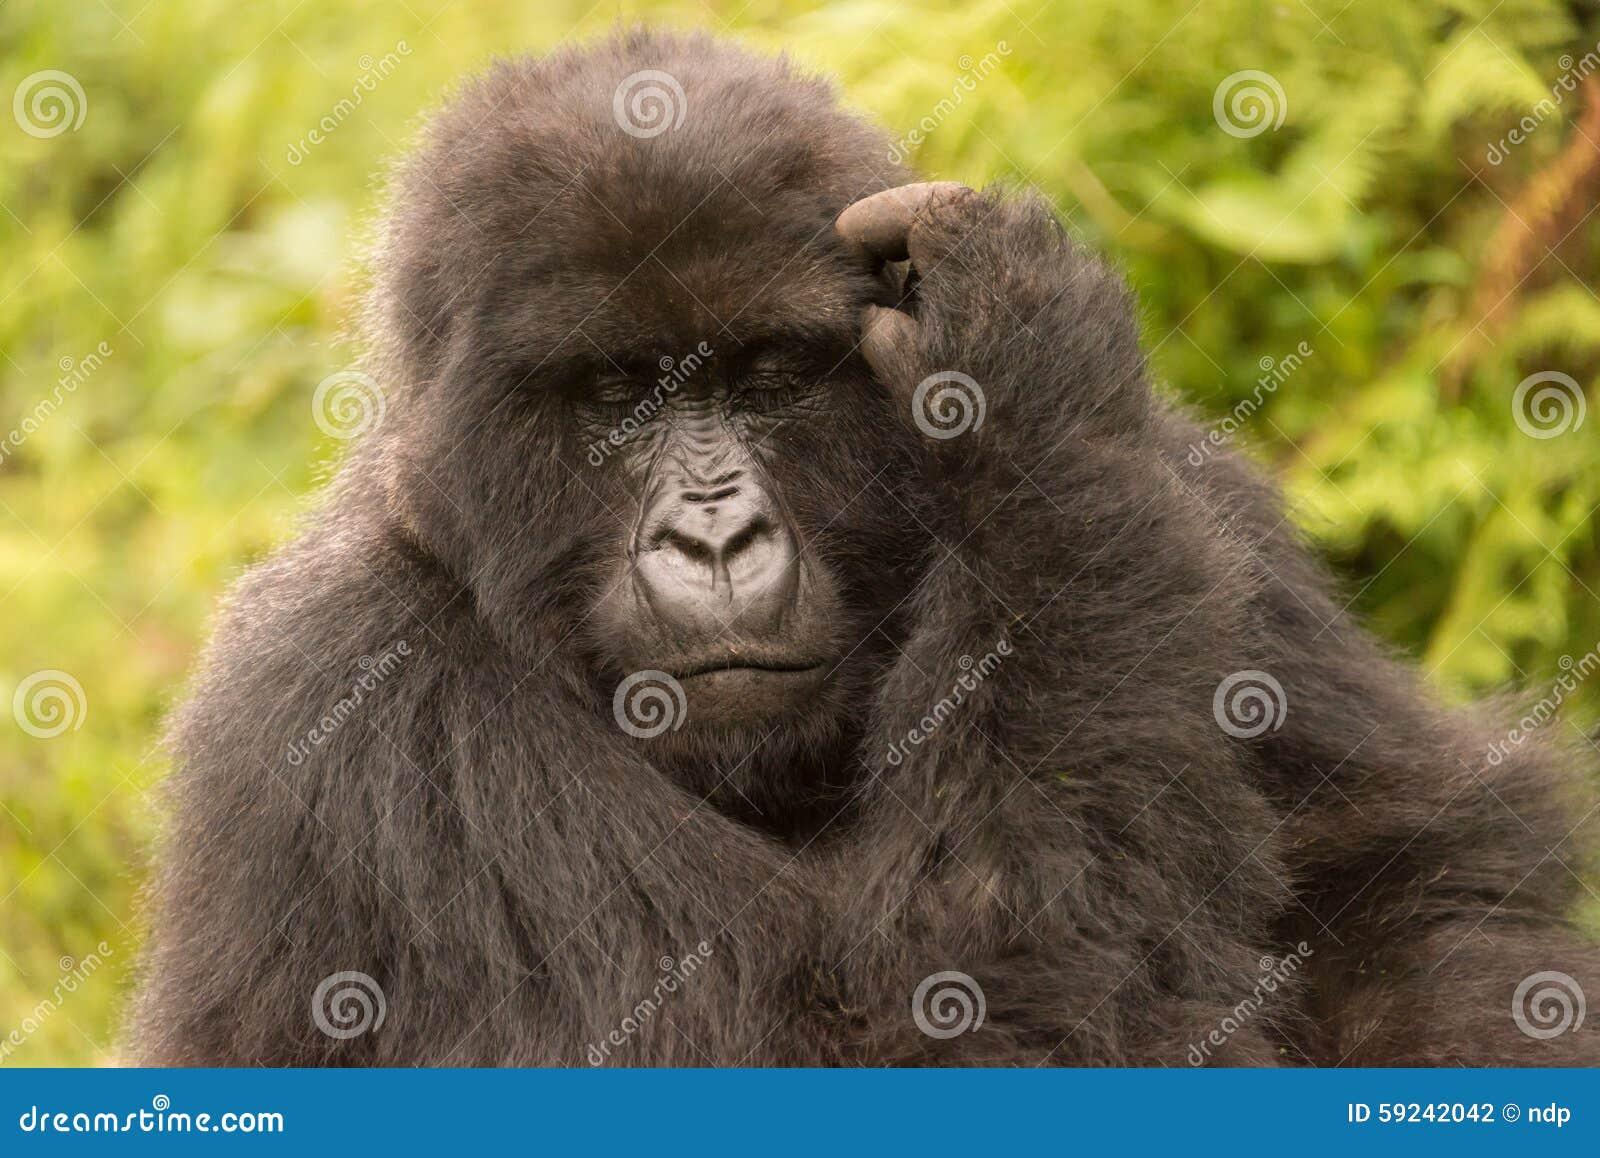 Download El Gorila Rasguña Su Cabeza Con Los Ojos Cerrados Foto de archivo - Imagen de naturalizado, árboles: 59242042